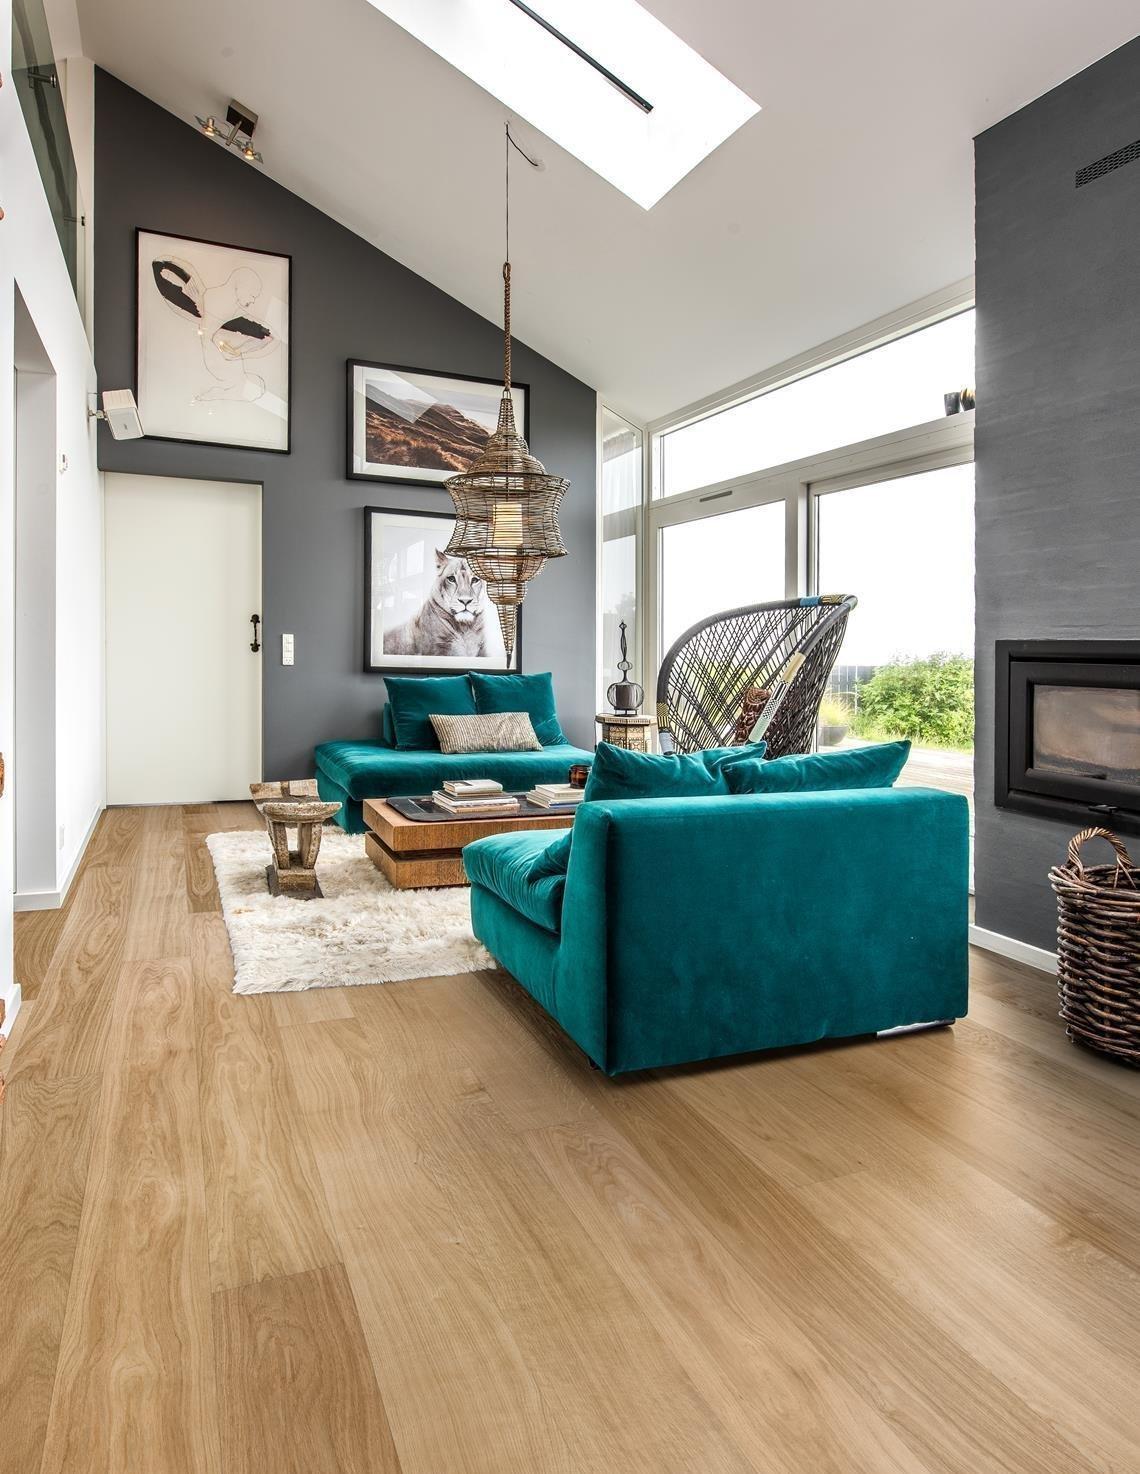 Dřevo v posledních letech zažívá velký návrat do módy, zejména co se interiérového designu týče. Najdeme jej nejen na doplňcích či nábytku, ale hlavně ve formě podlah, kde má dřevo svoji nezaměnitelnou roli. A proč bychom měli mít dřevěnou podlahu i my?